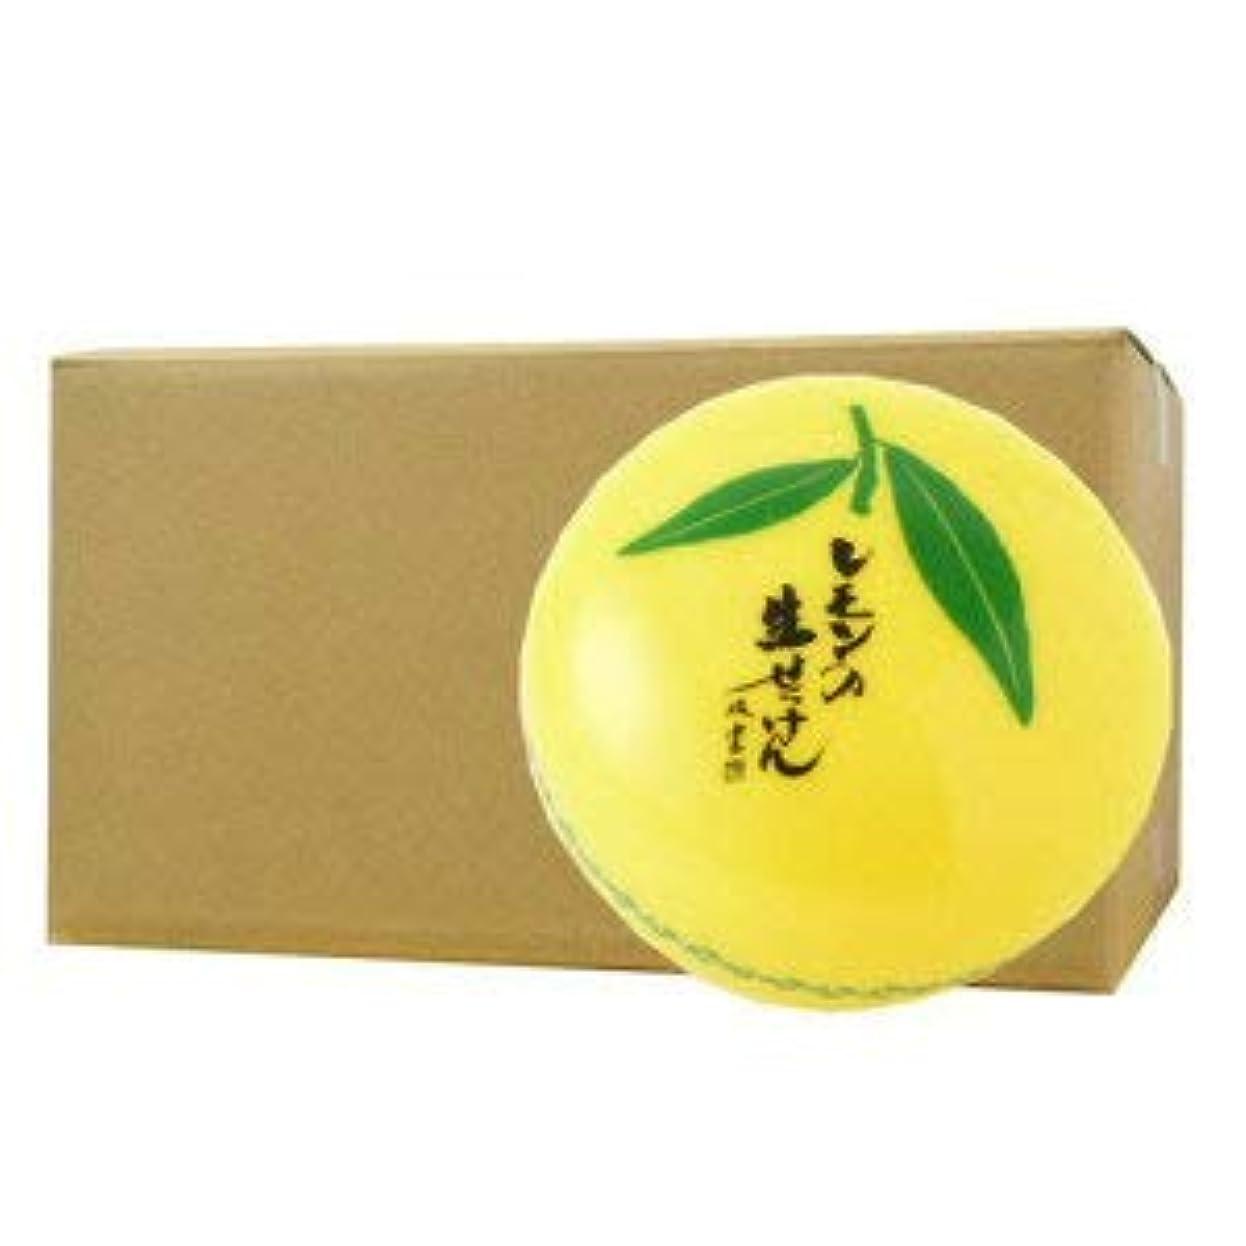 コンセンサスホラー昆虫を見るUYEKI美香柑レモンの生せっけん50g×72個セット